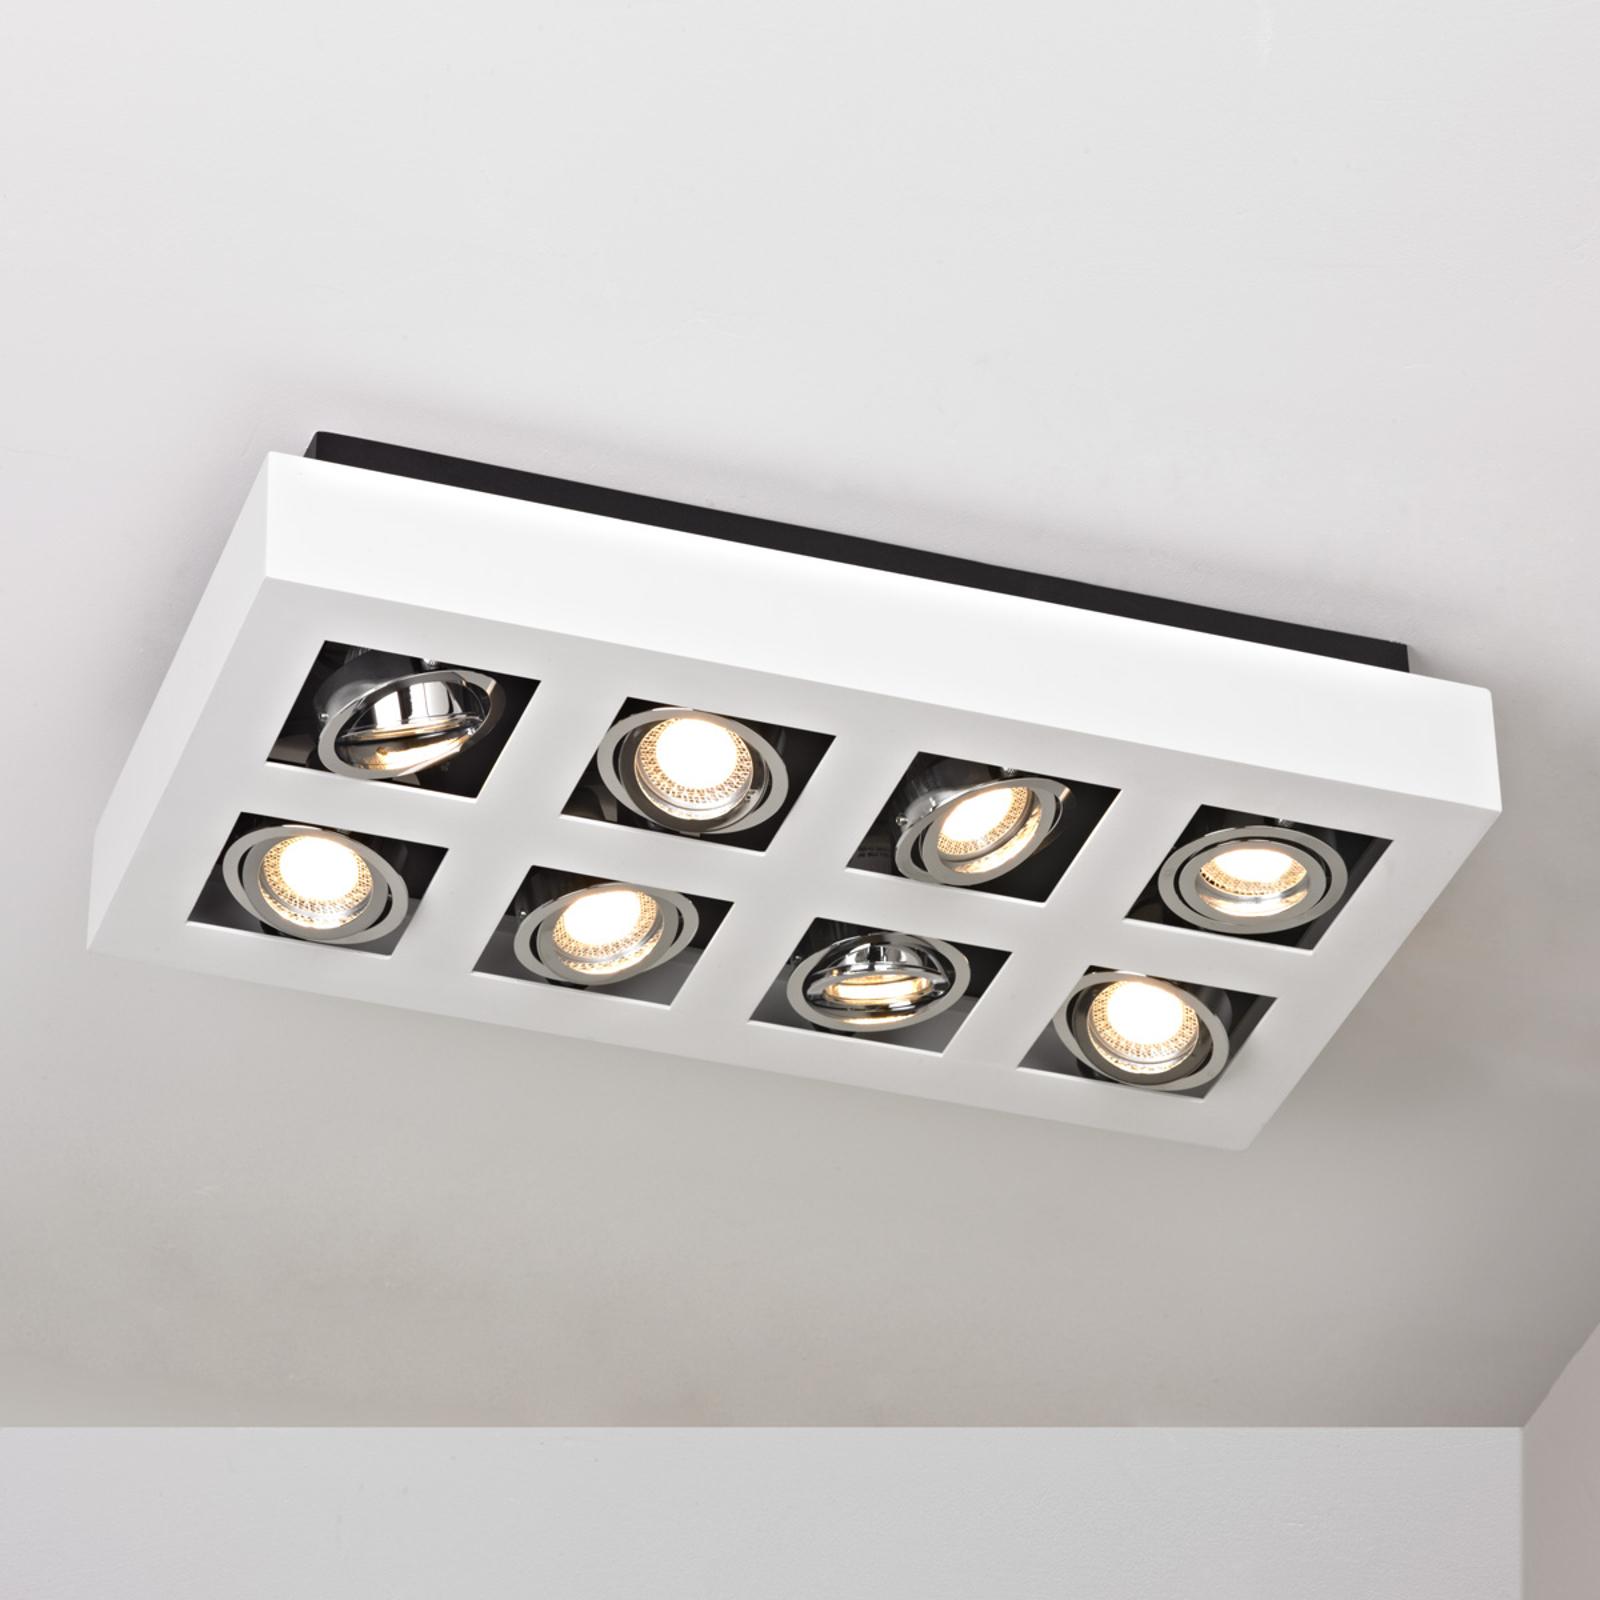 Puissant plafonnier LED Vince à huit lampes, blanc